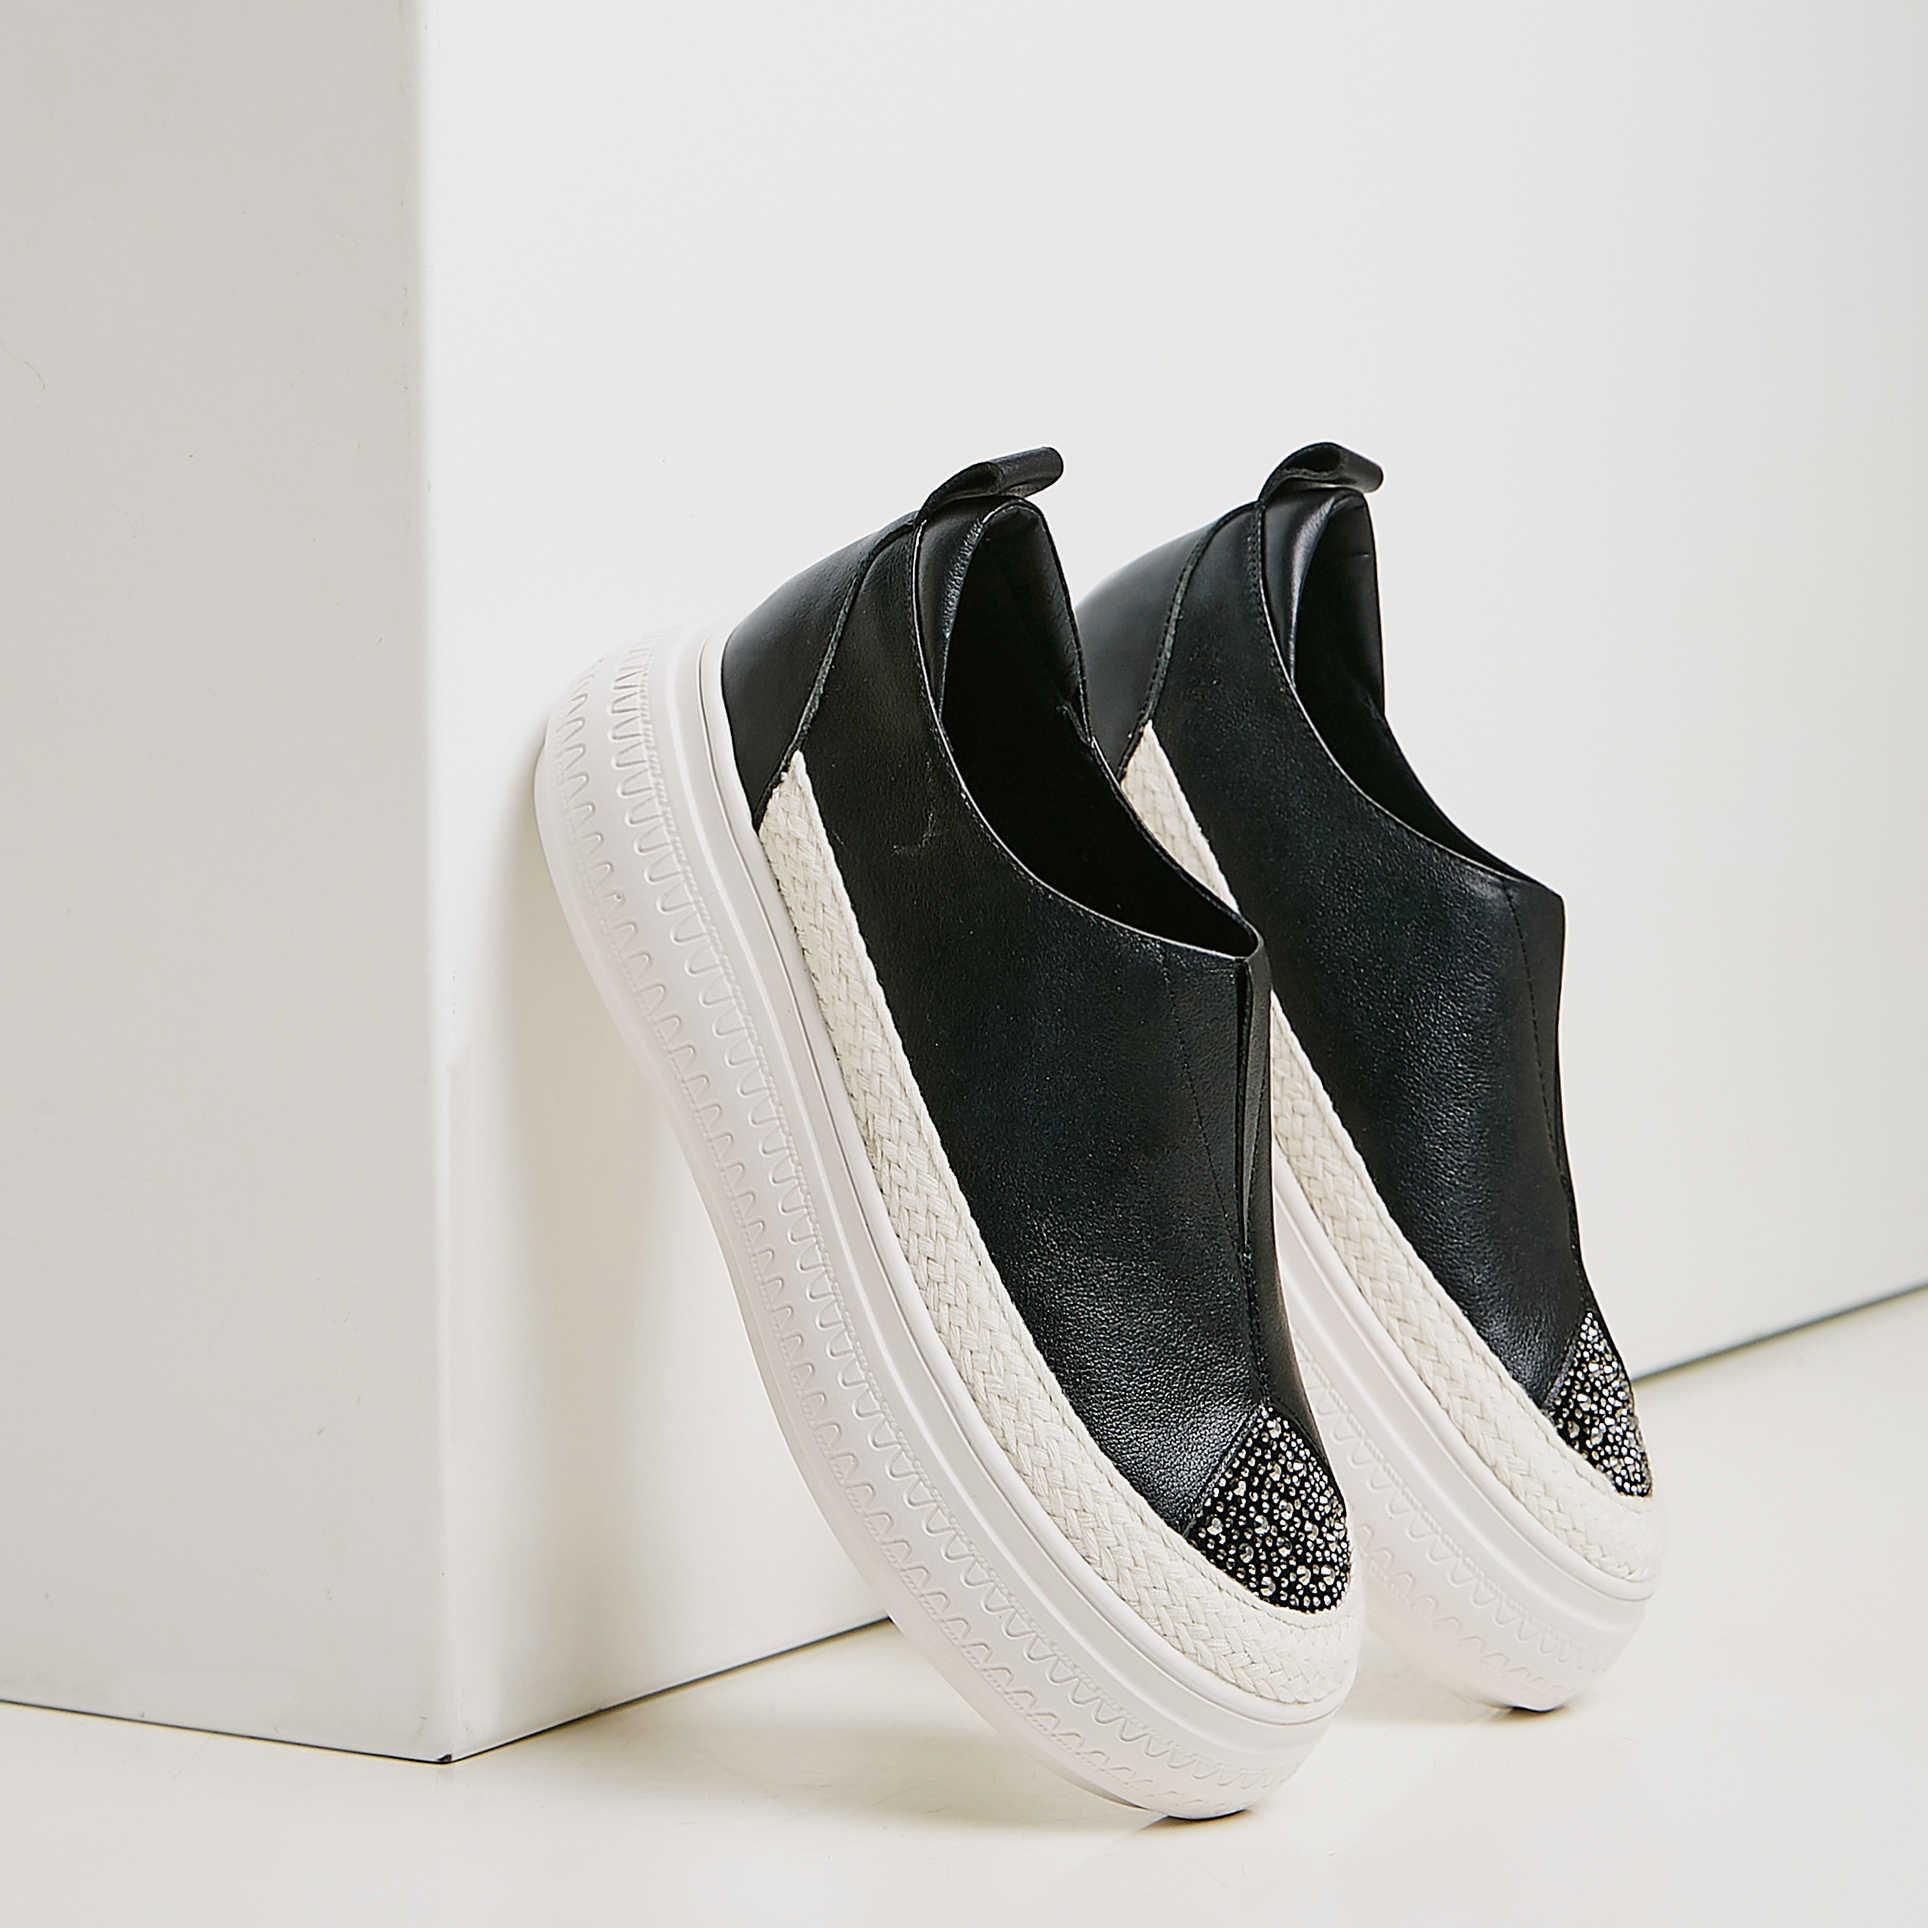 ENMAYER Lüks Ayakkabı Kadın Platformu Topuklar Hakiki Deri Yuvarlak Ayak Slip-On moda ayakkabılar 2019 Kadın Ayakkabı Mary Jane Ayakkabı